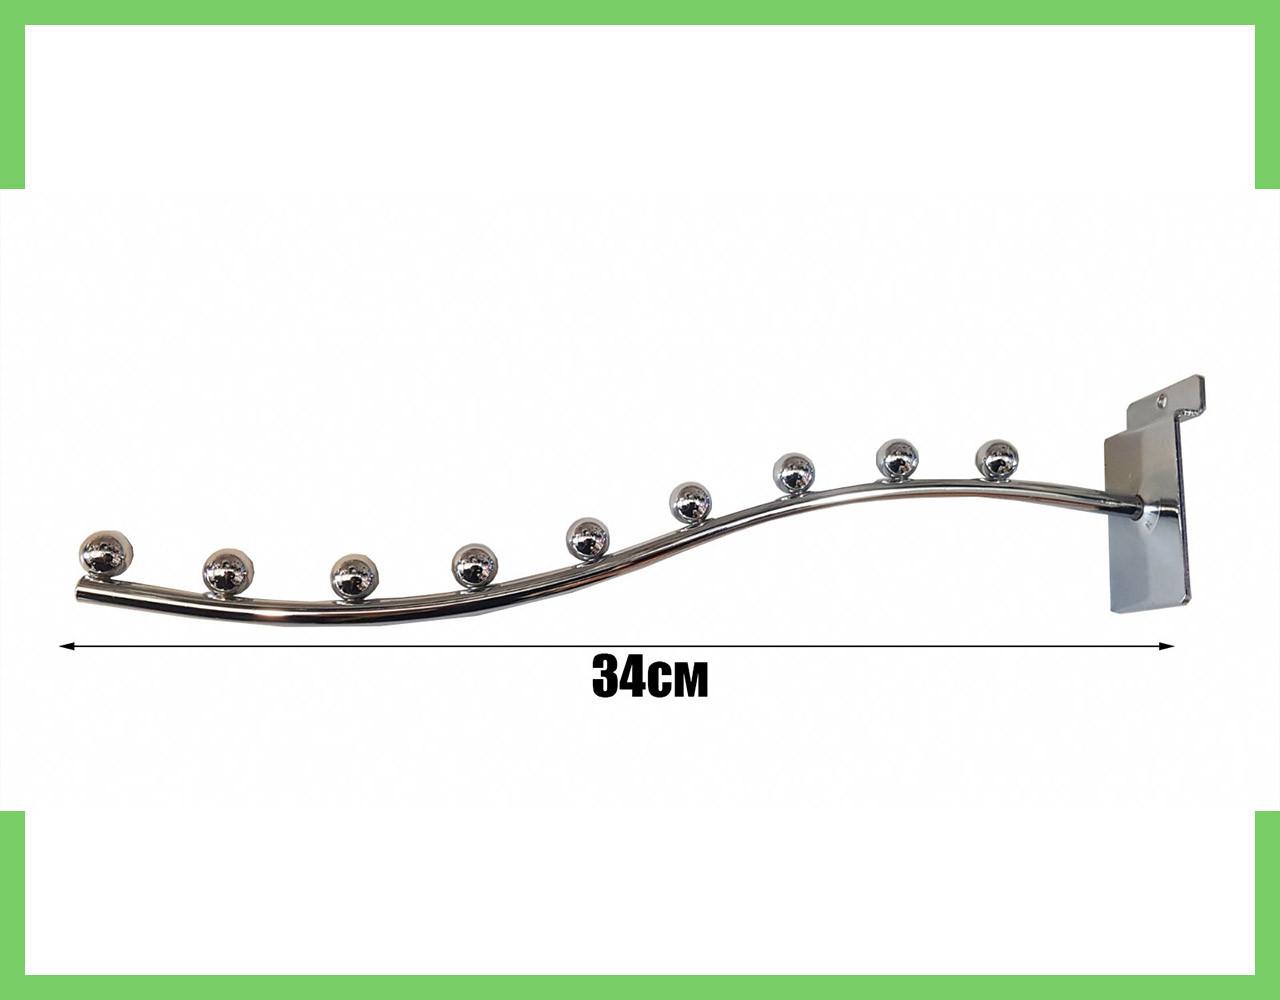 Кронштейн (Флейта) в Экономпанель 34 см усиленная (9 шариков)